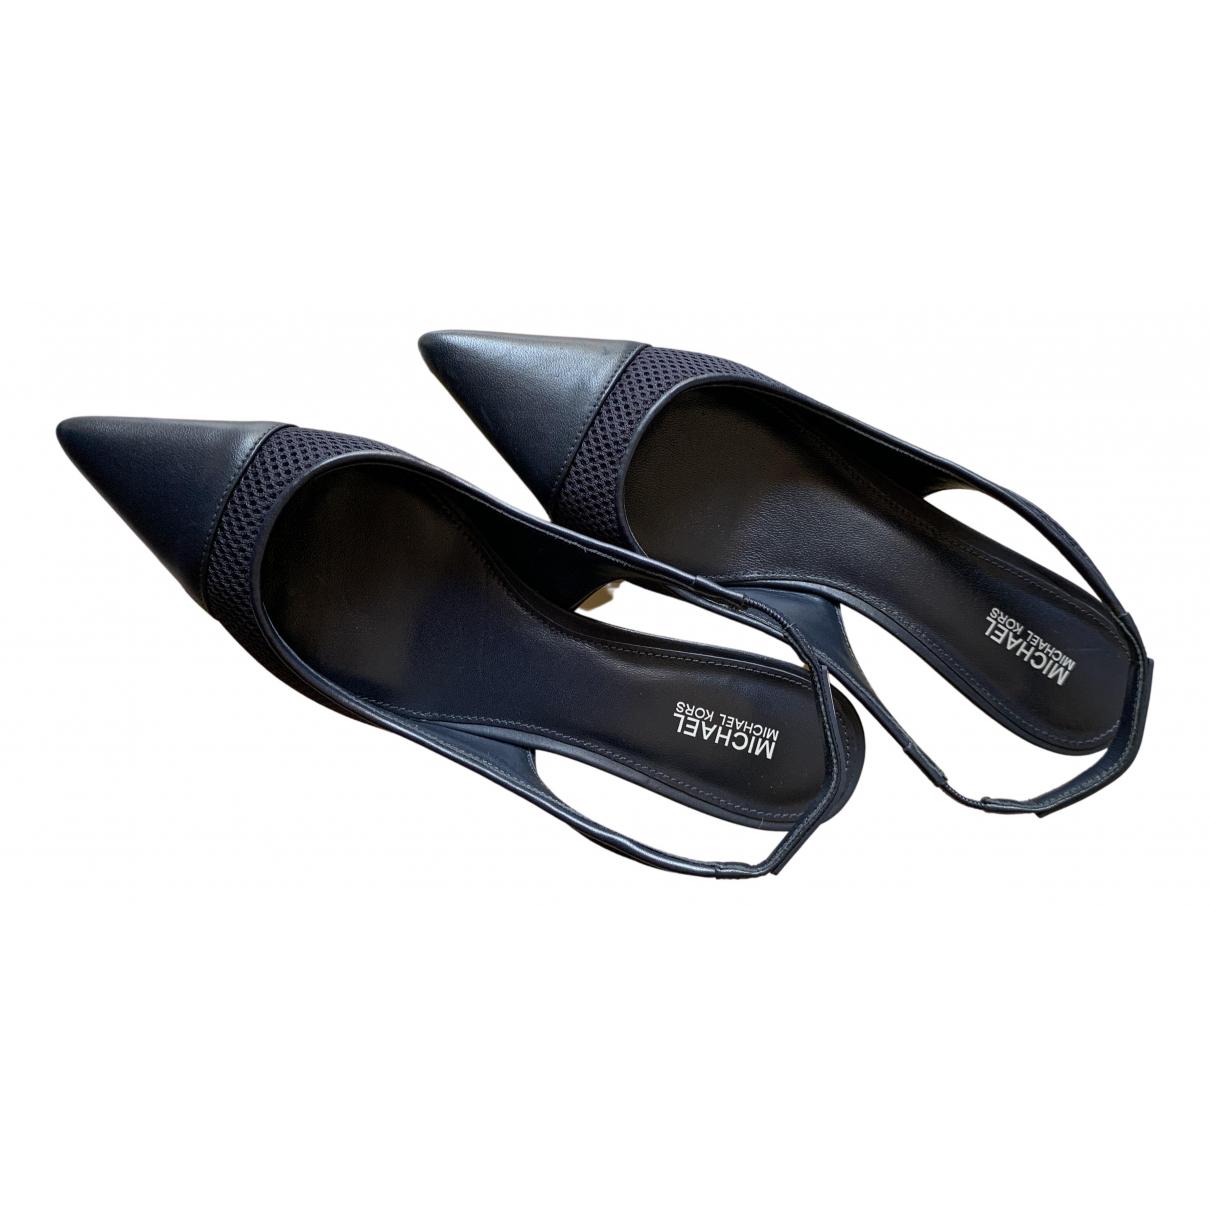 Michael Kors N Blue Leather Heels for Women 38 IT